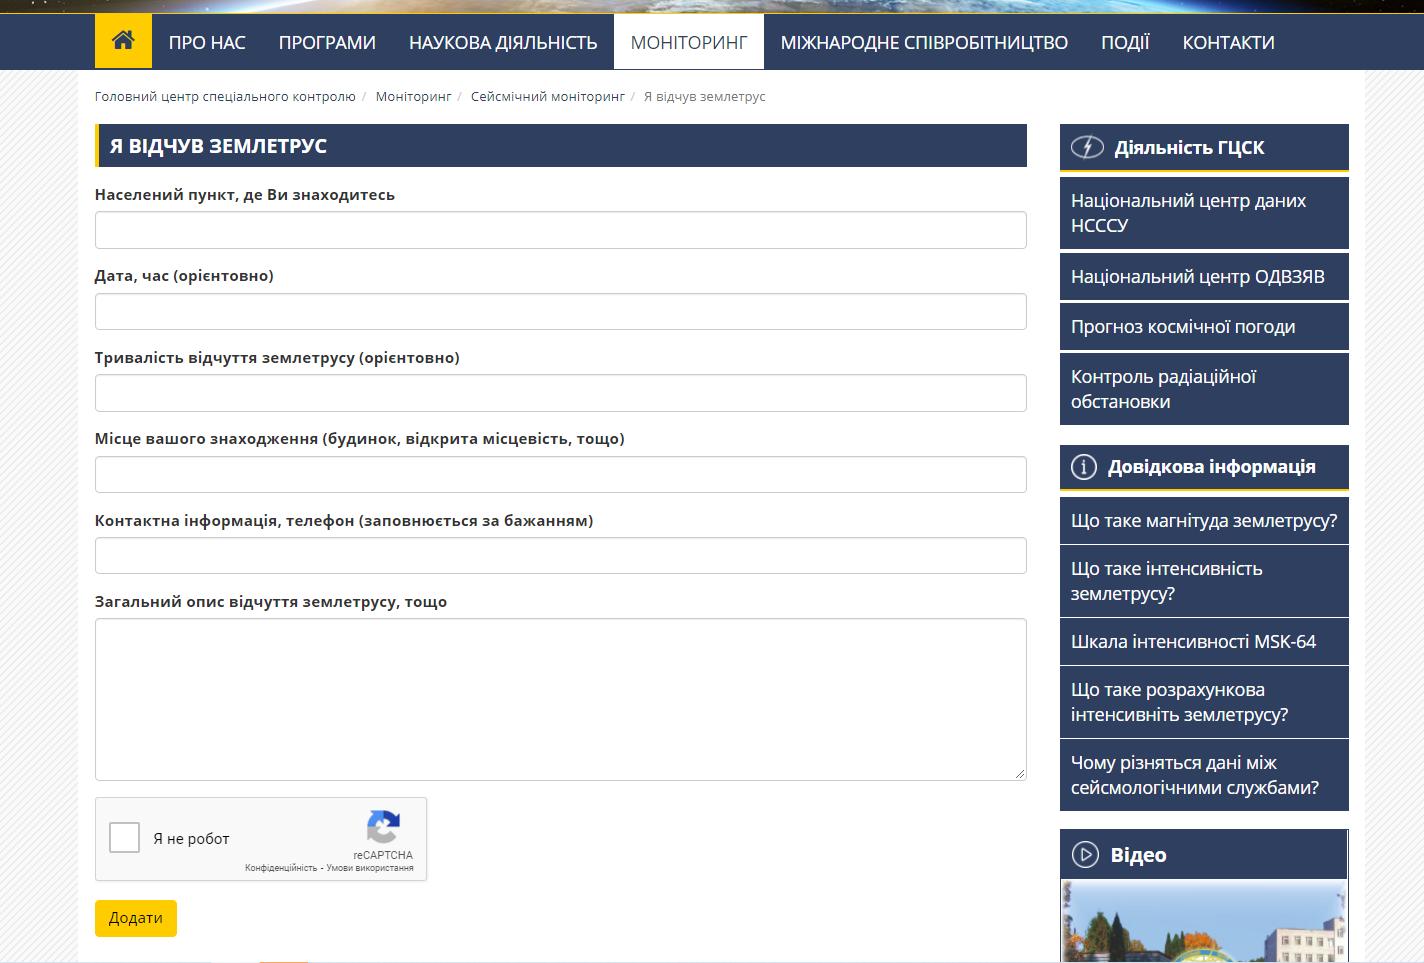 форма сообщения о землетрясениях в ГЦСК